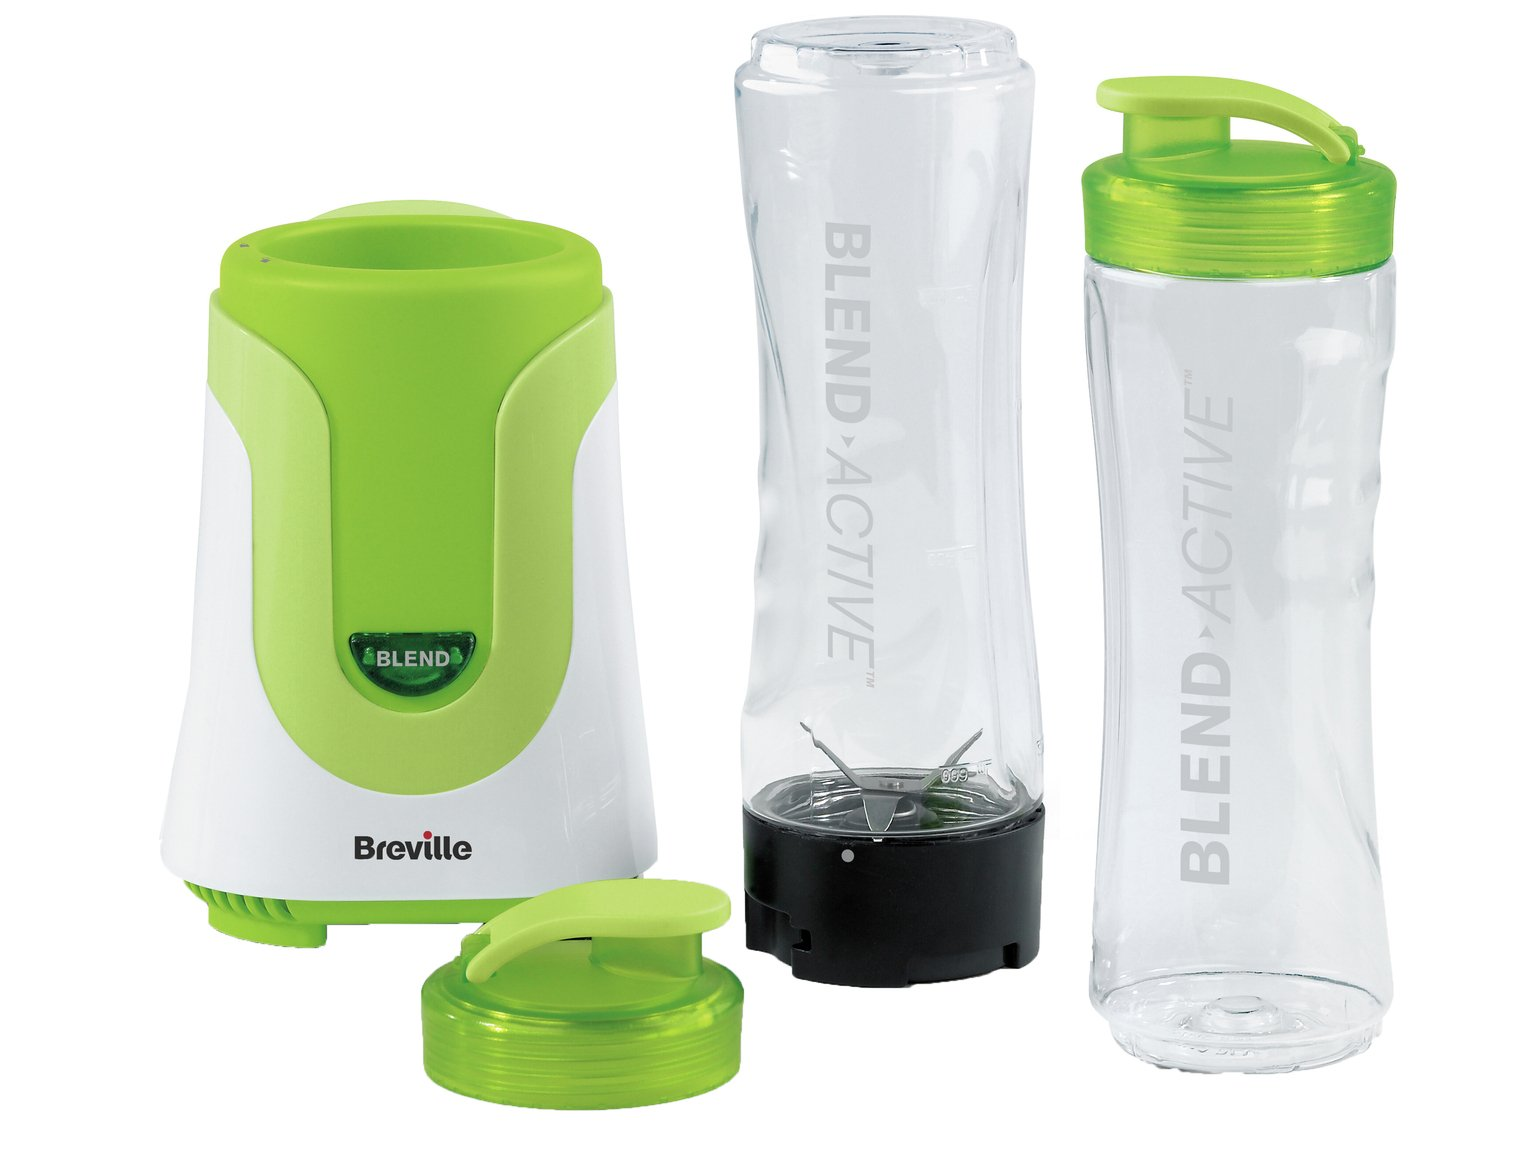 Image of Breville - VBL062 Blend Active - Green